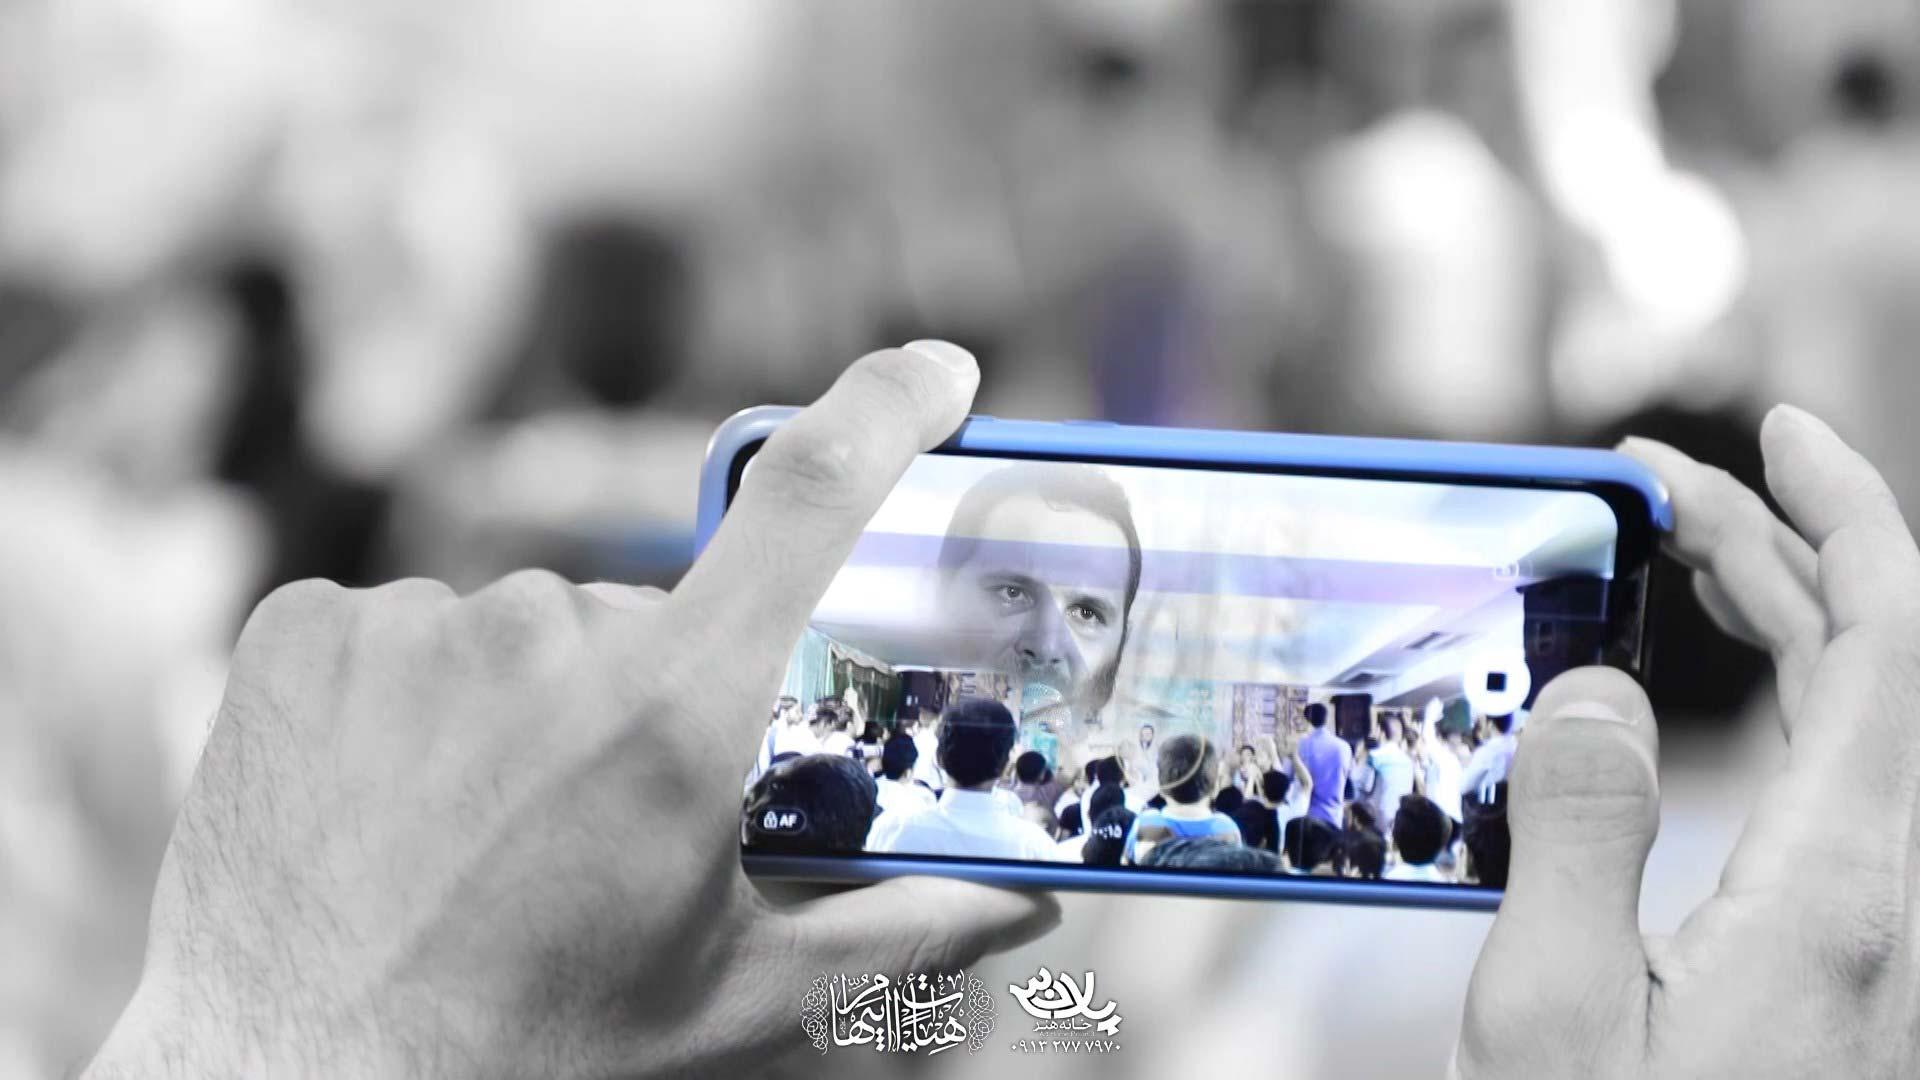 ای یل کربلا محمد حسین حدادیان